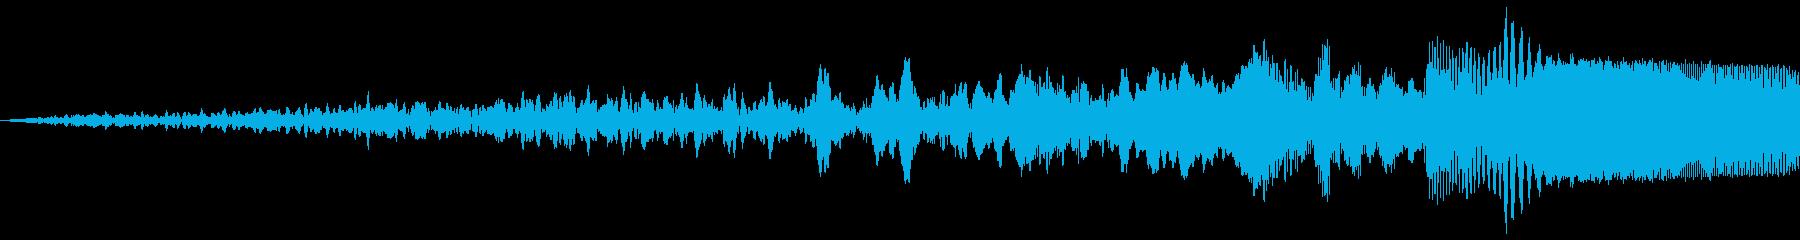 SFテキストフェードインファーストの再生済みの波形